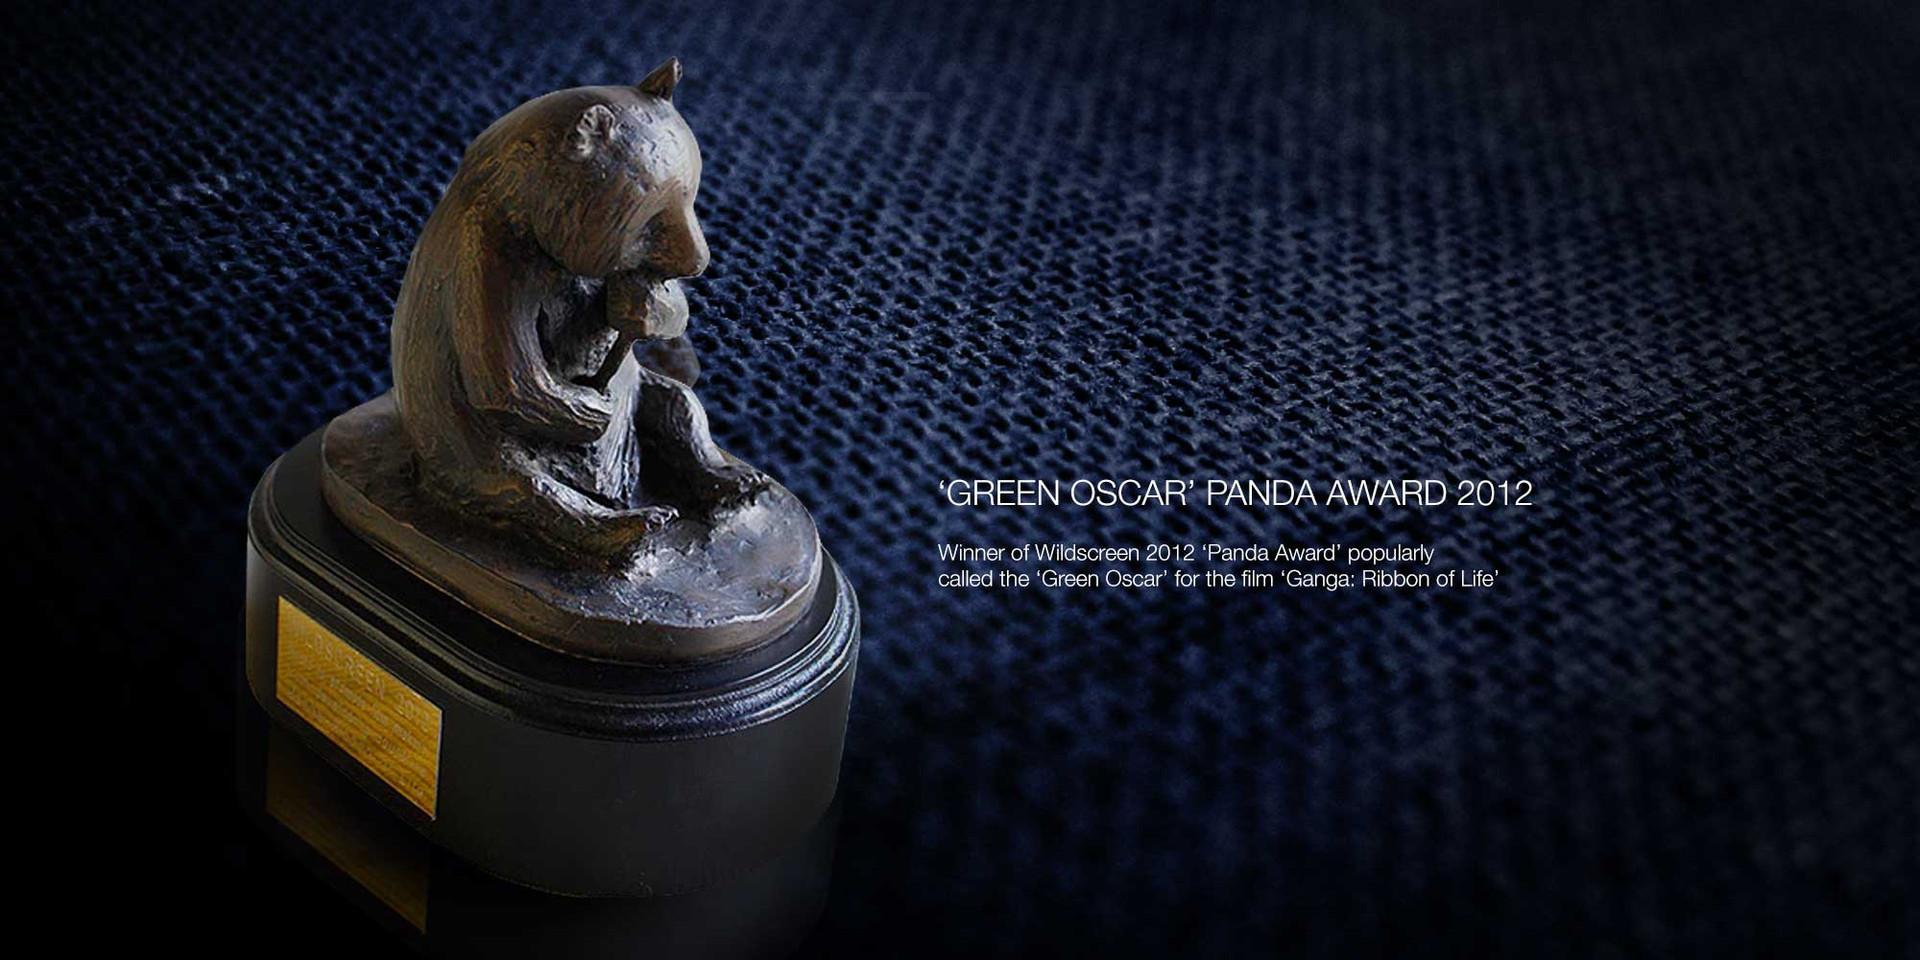 Pandaw Award 2012